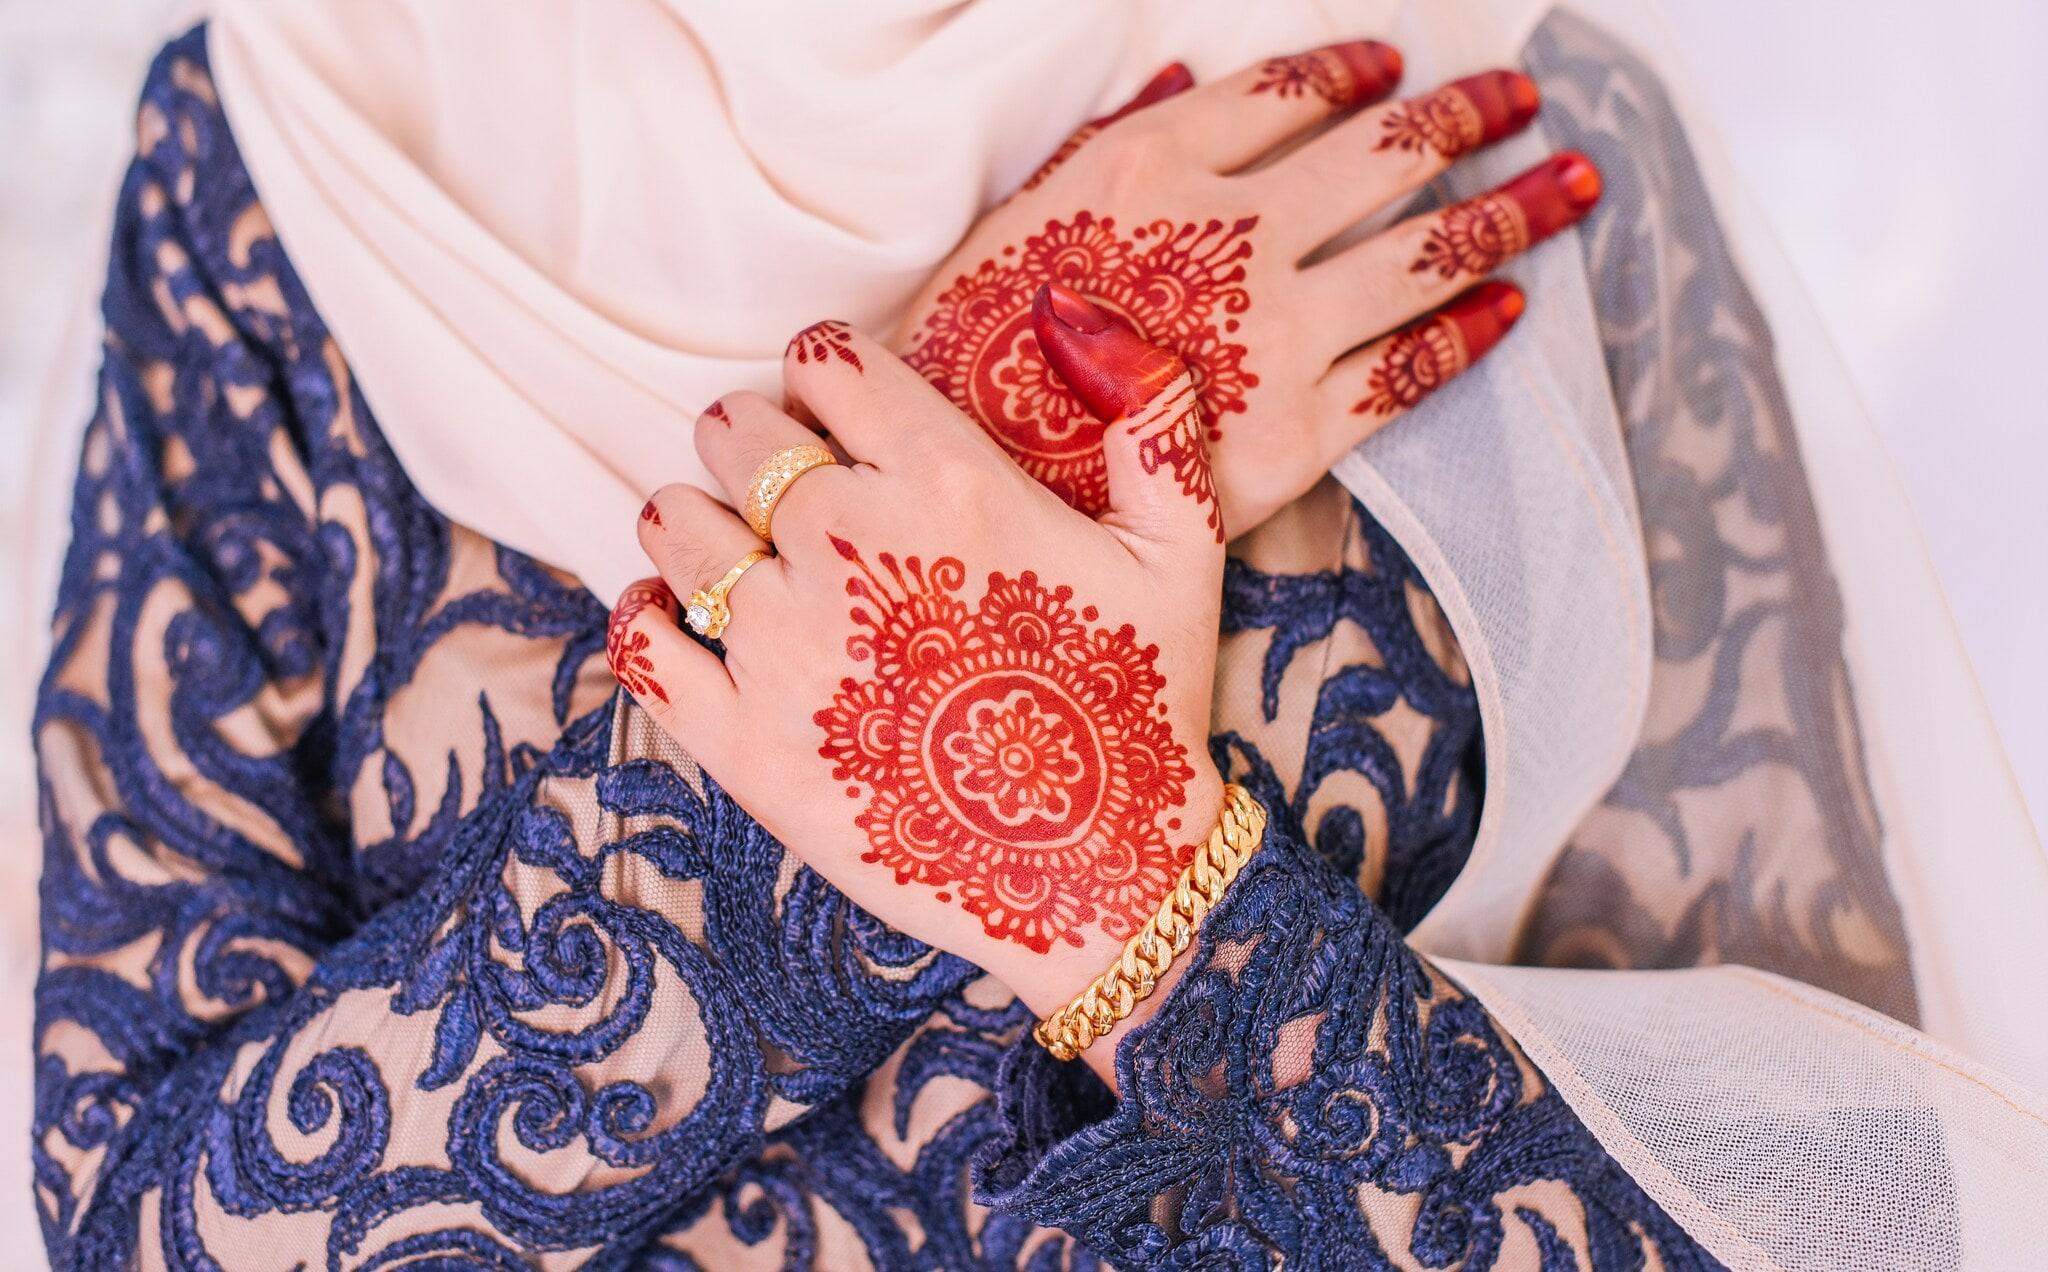 ఈద్ కోసం అందమైన, సాధారణ మరియు సులభమైన మెహందీ డిజైన్స్ (Image: Shutterstock)